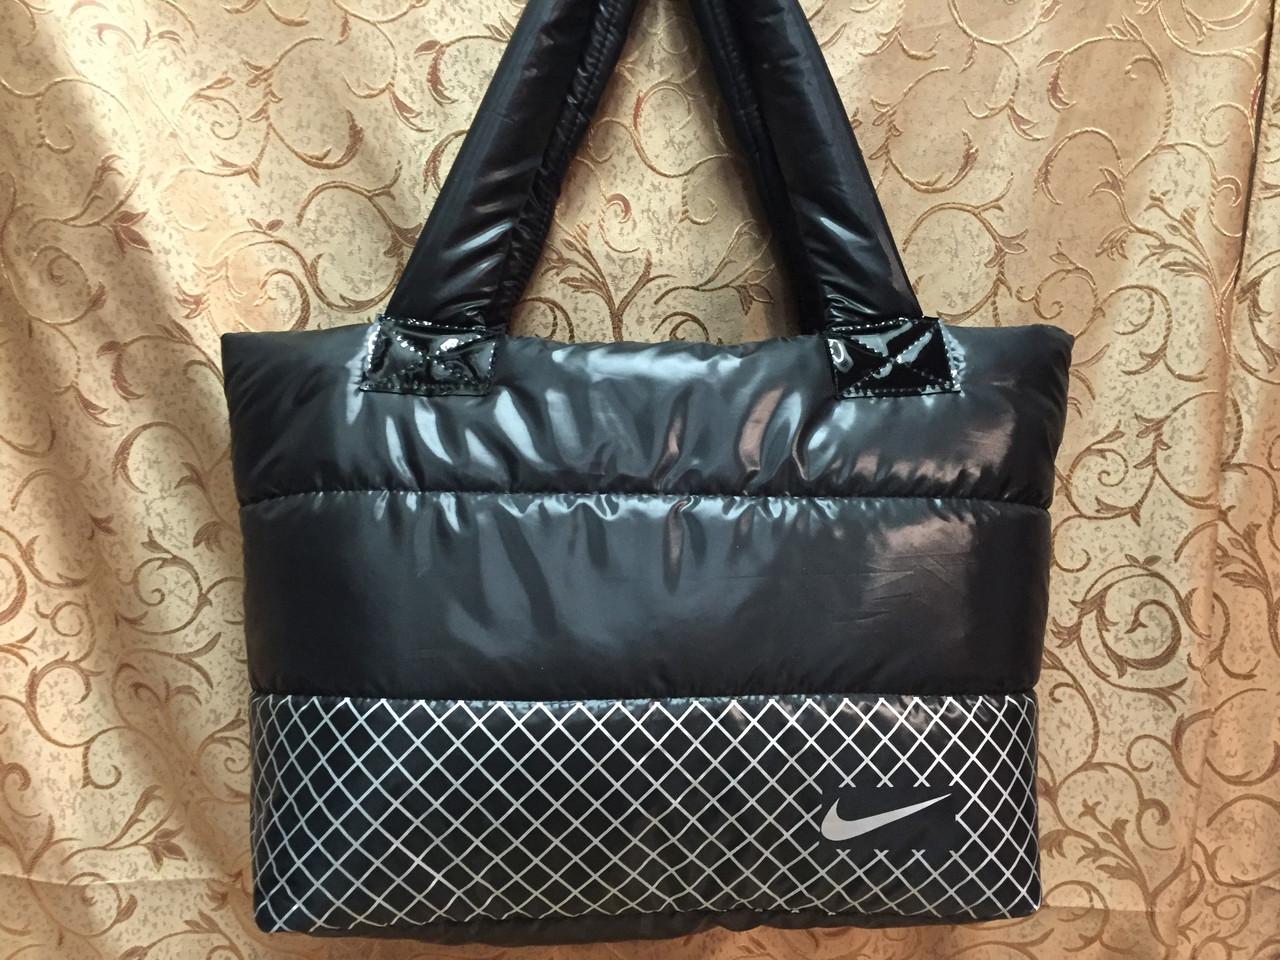 Сумка дутая/Спортивная сумка NIKE/Женские спортивная сумка(только оптом)Сумка стильный  дутики